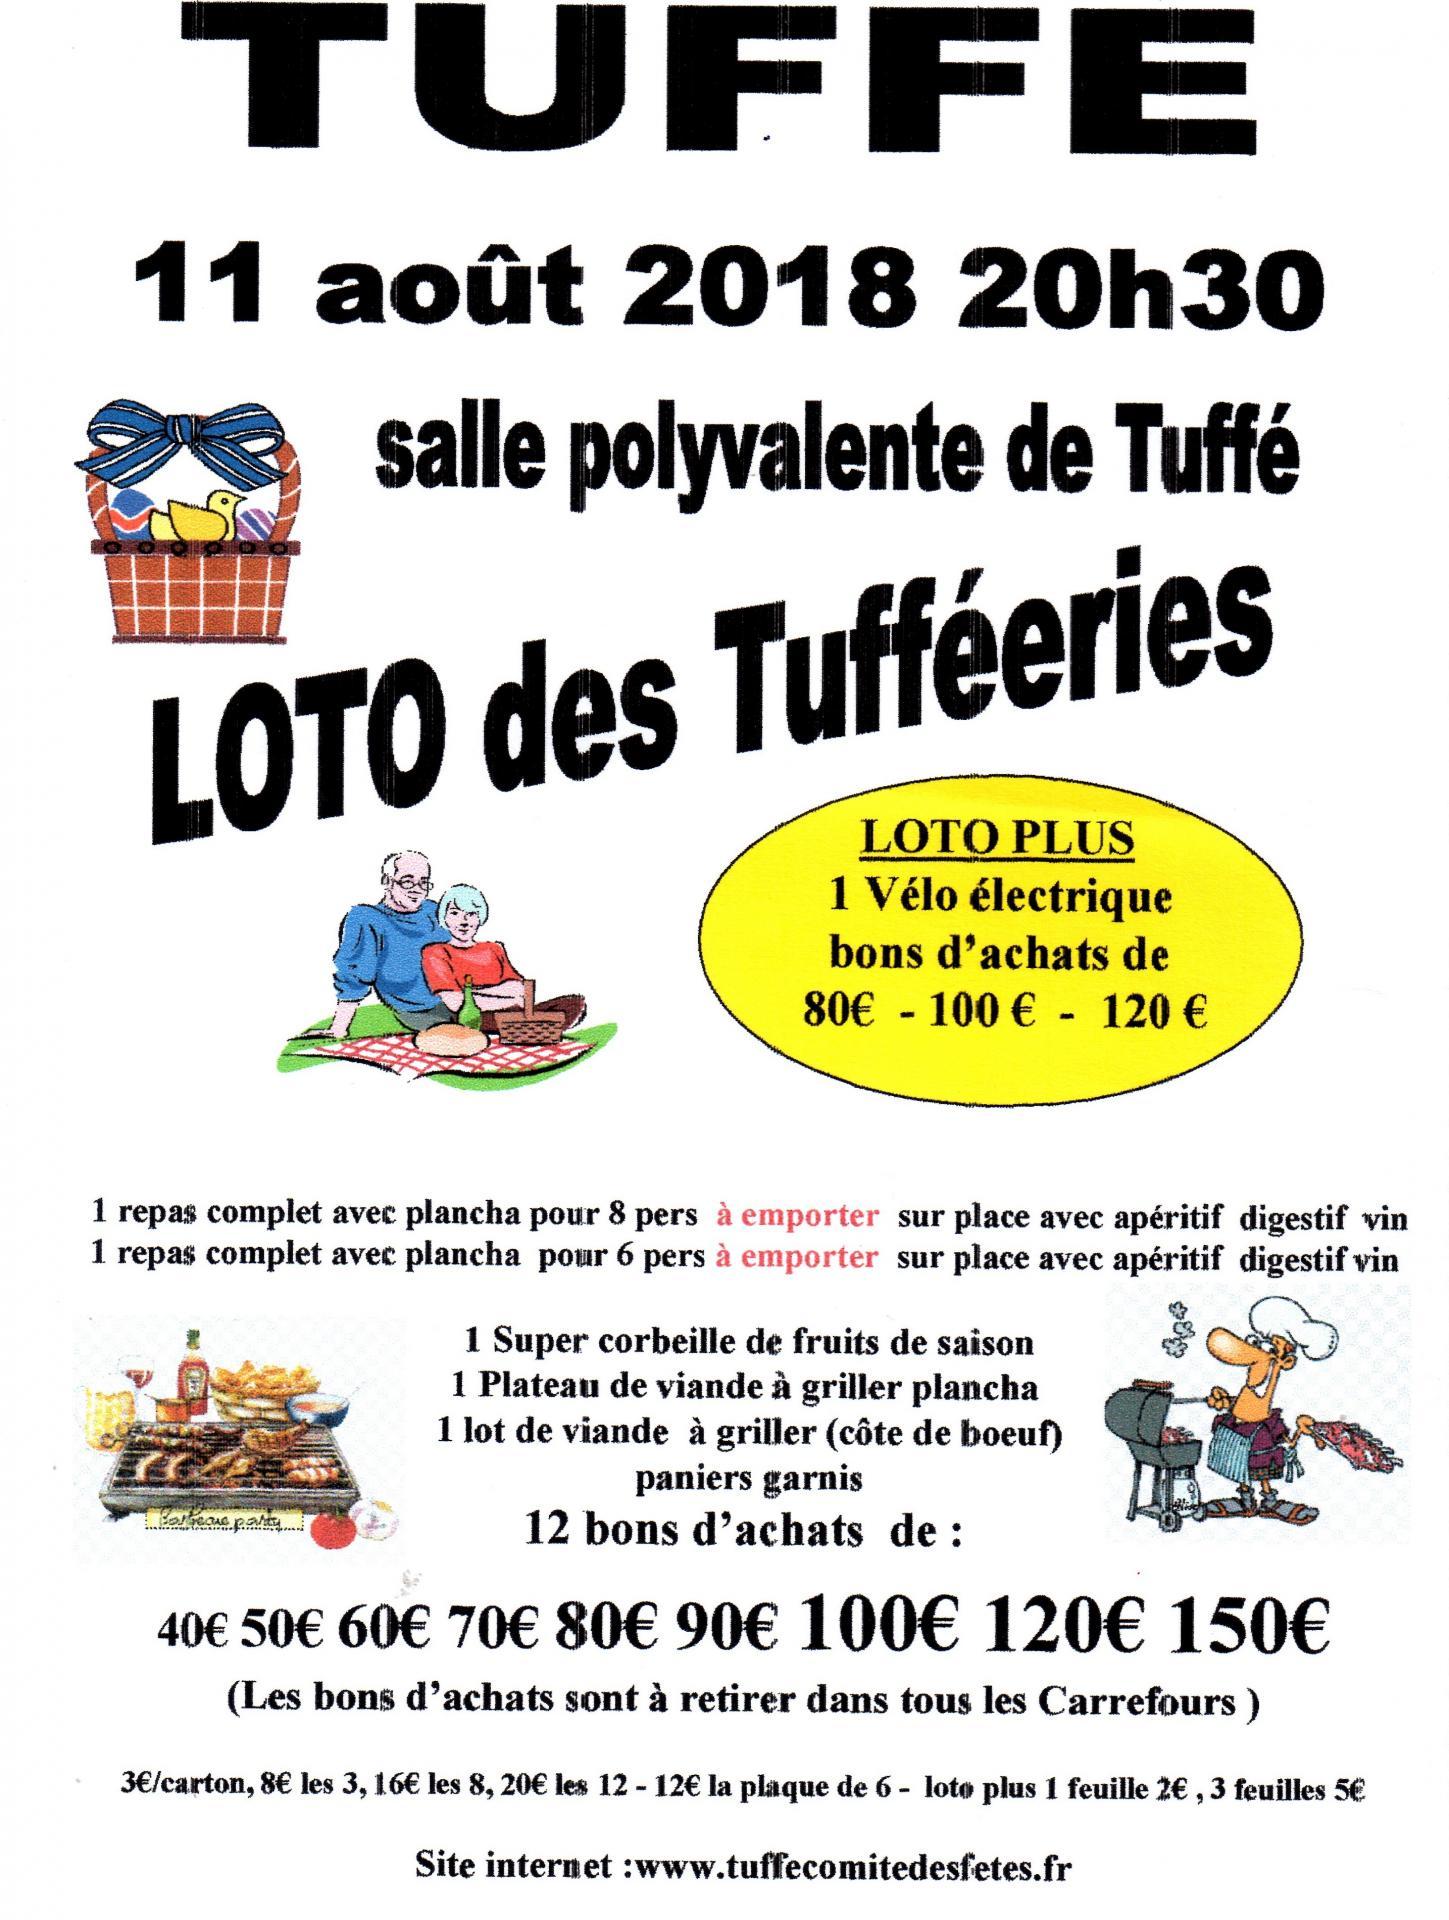 Loto des tuffeeries001